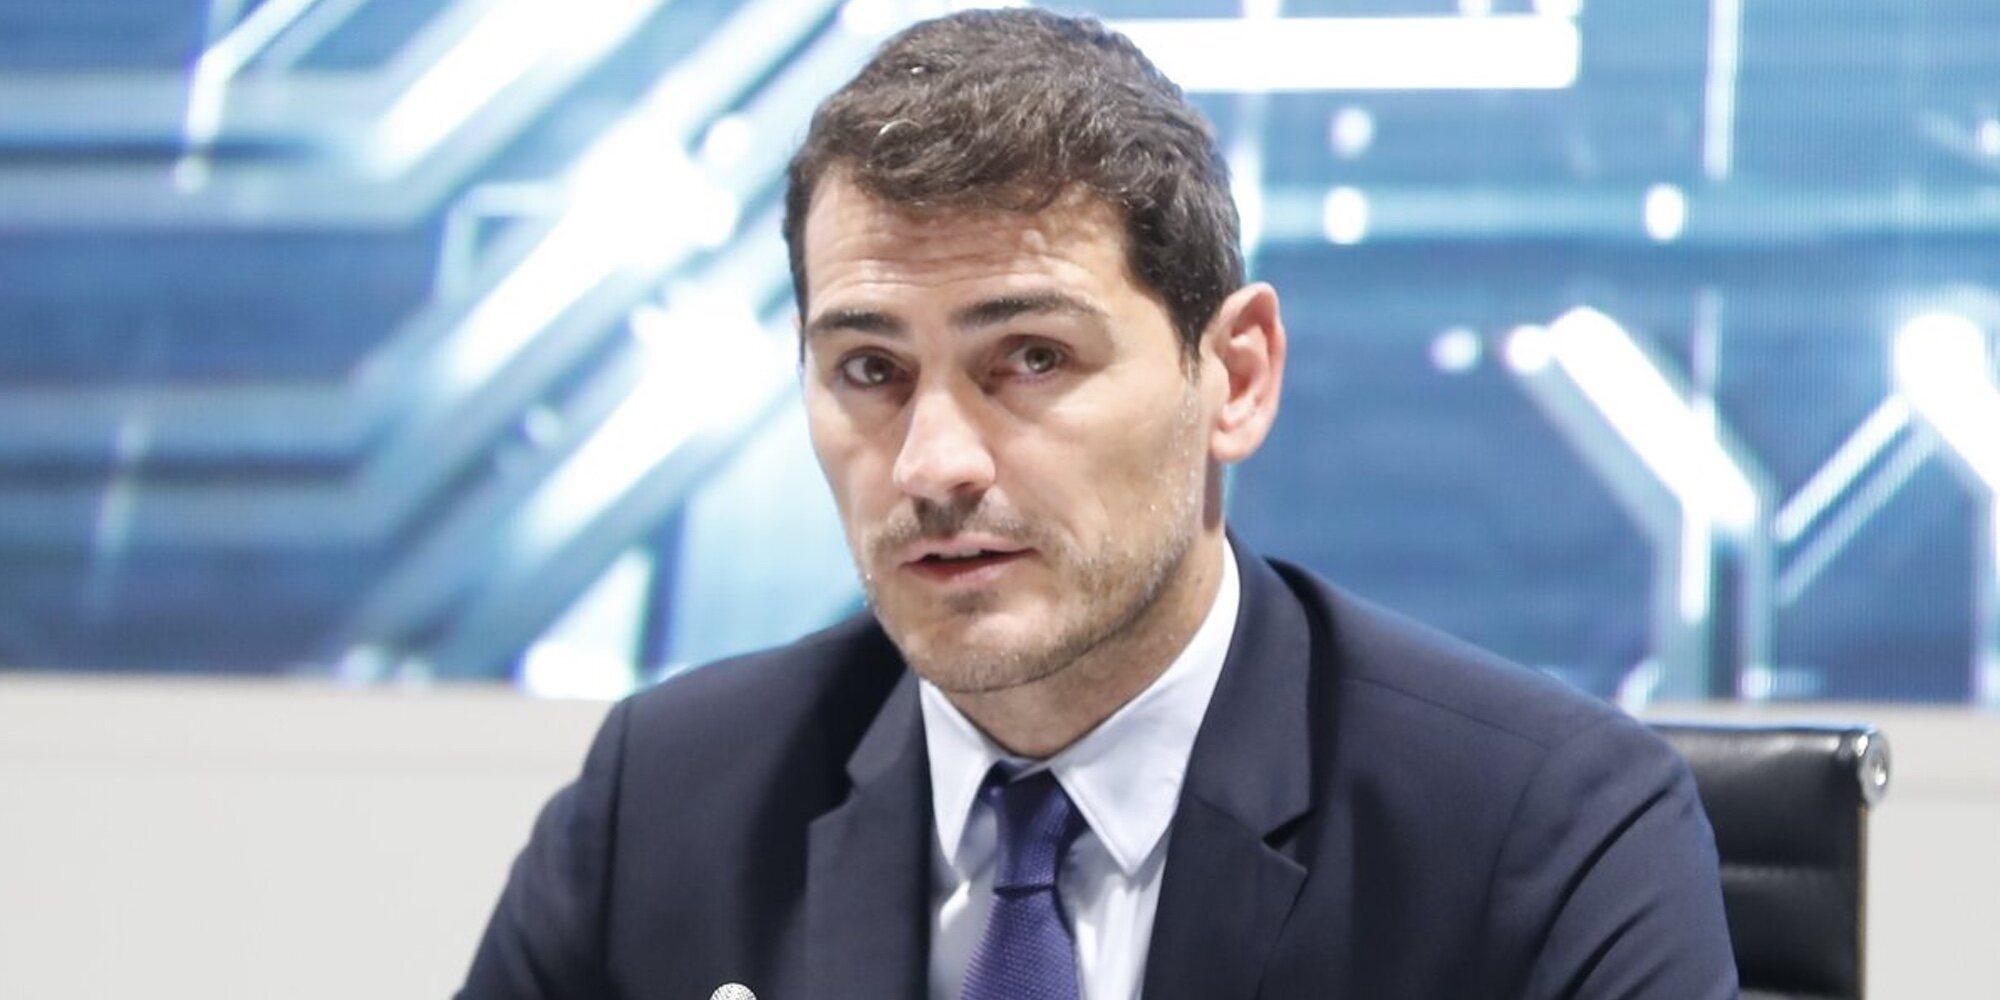 Iker Casillas denuncia en un vídeo el acoso que recibe por parte de la prensa cuando lleva a sus hijos al colegio